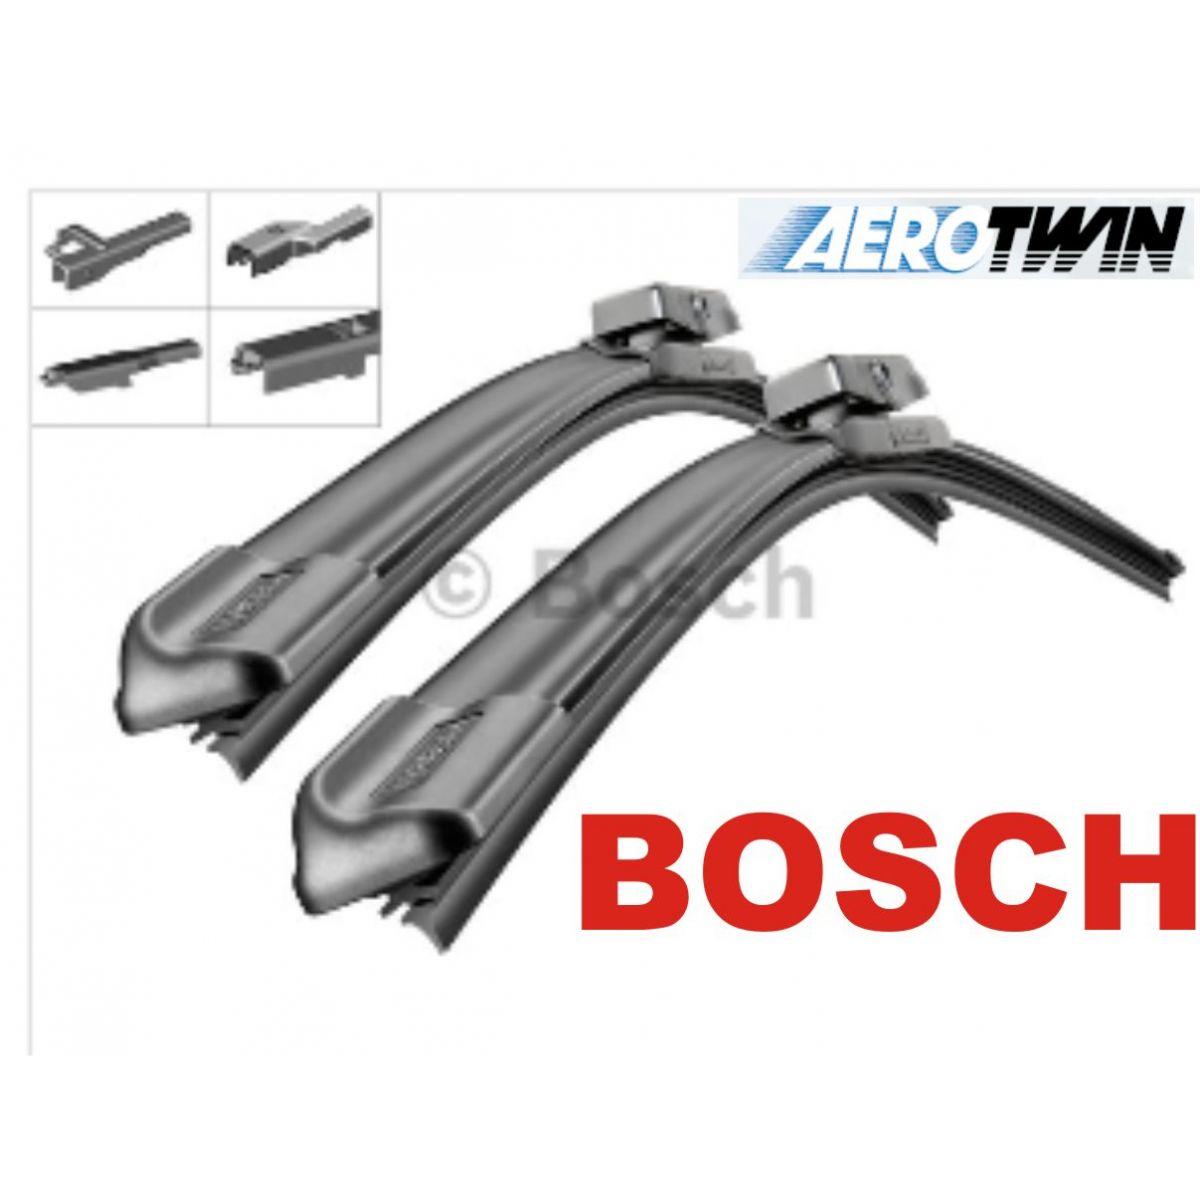 Palheta Bosch Aerotwin Plus Limpador de para brisa Bosch VW Golf IV (1J1) ano 2002 até 2004